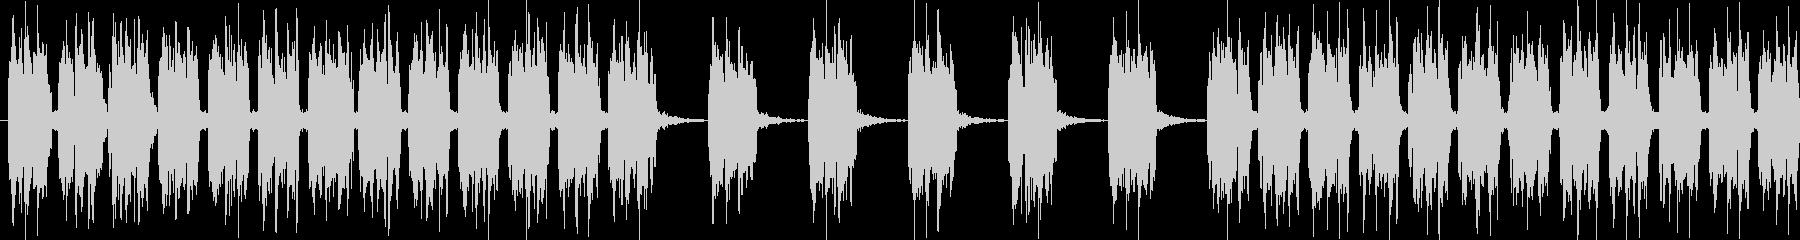 不思議なショップBGM (ループ仕様)の未再生の波形